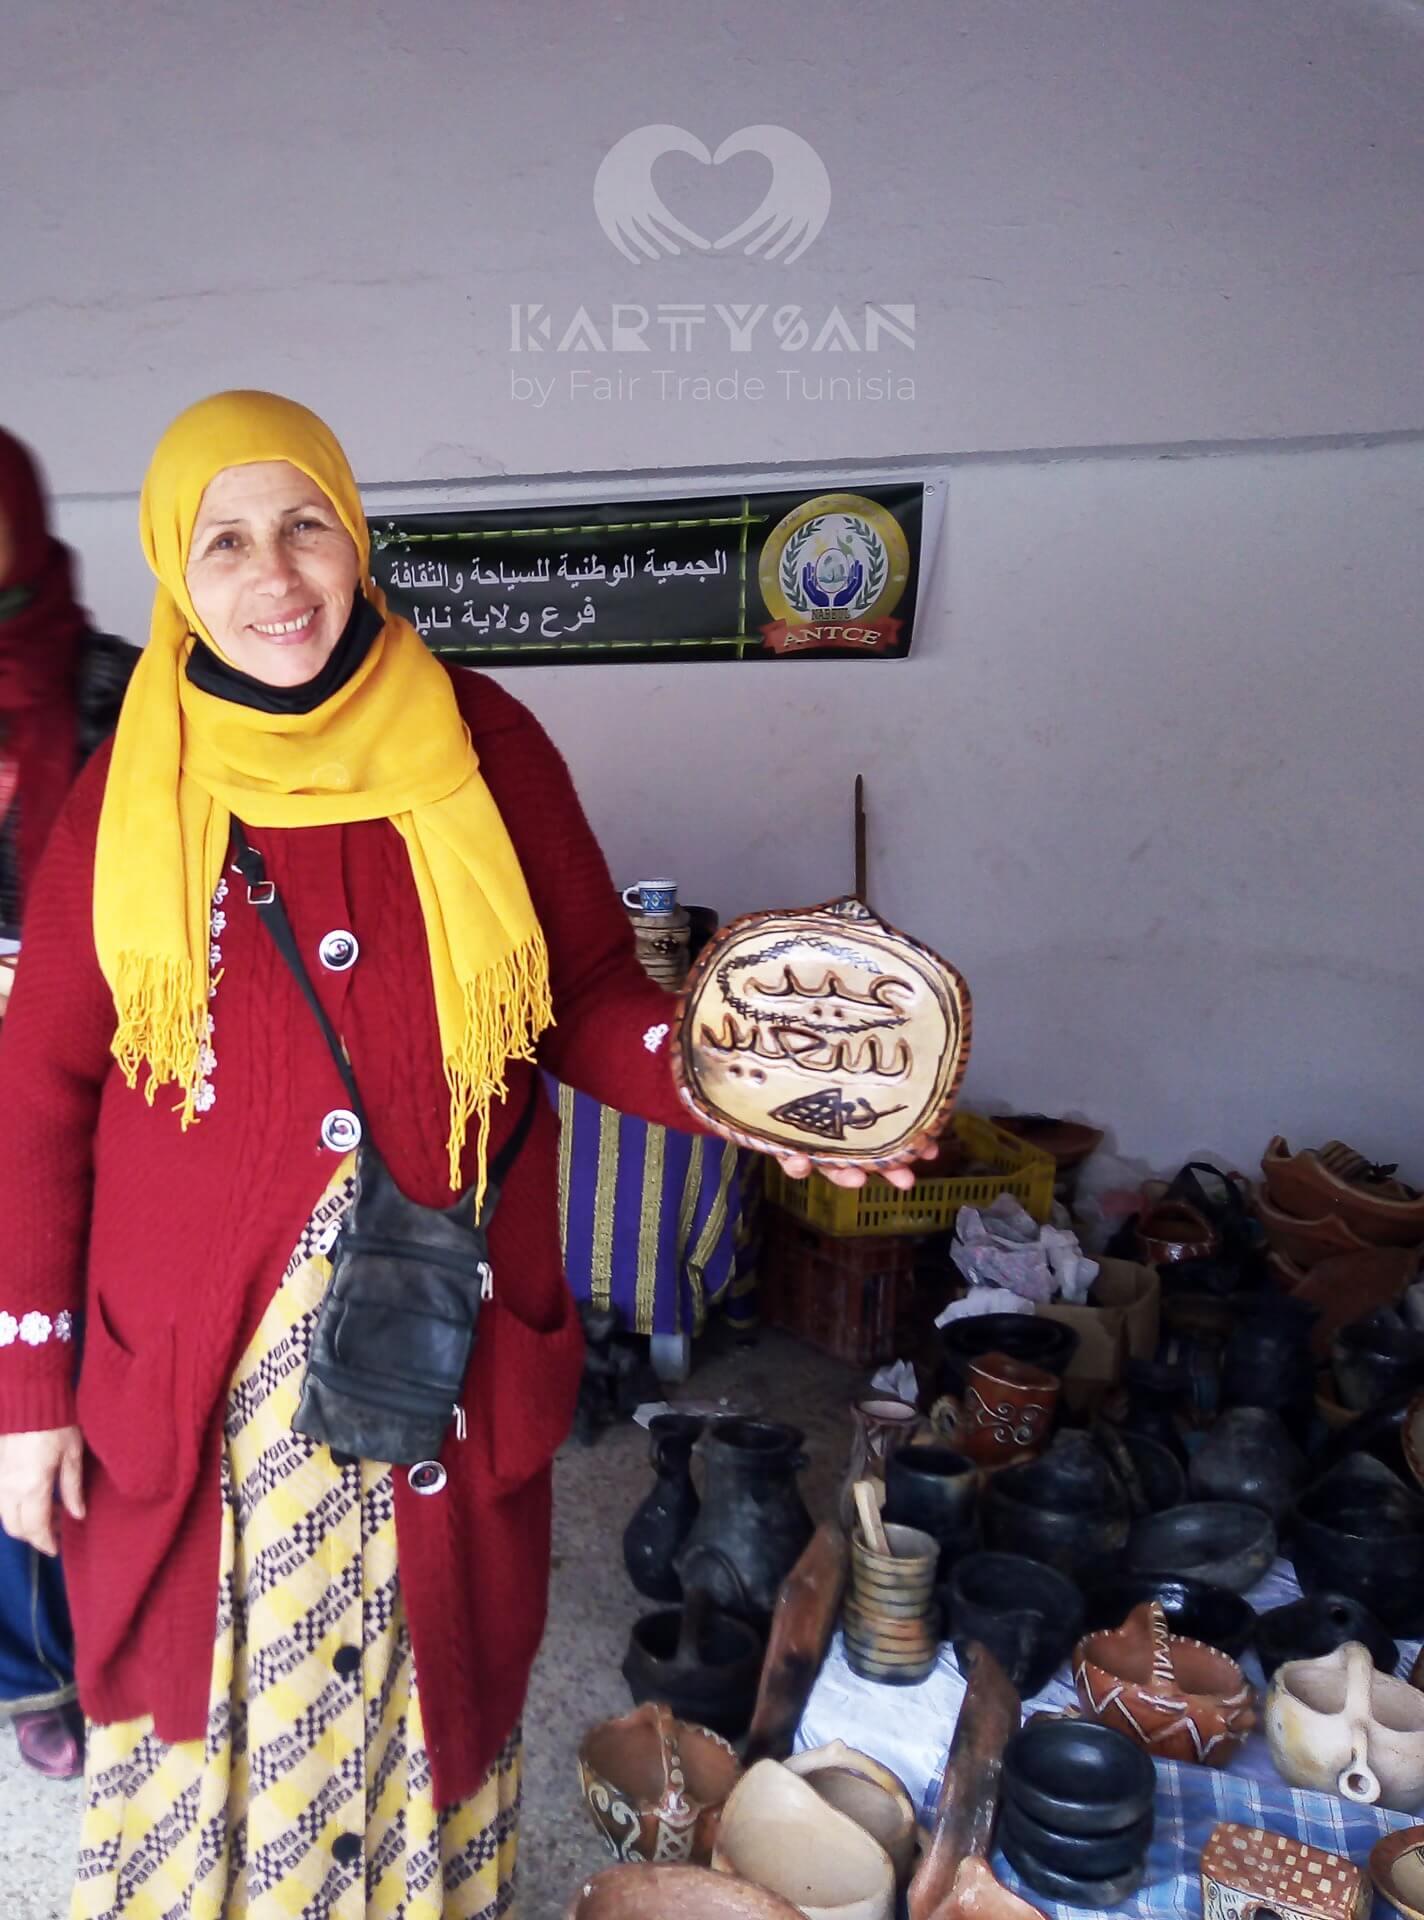 Foire de lartisanat et de lhabit traditionnel de Nabeul edition 2021 6-kartysan